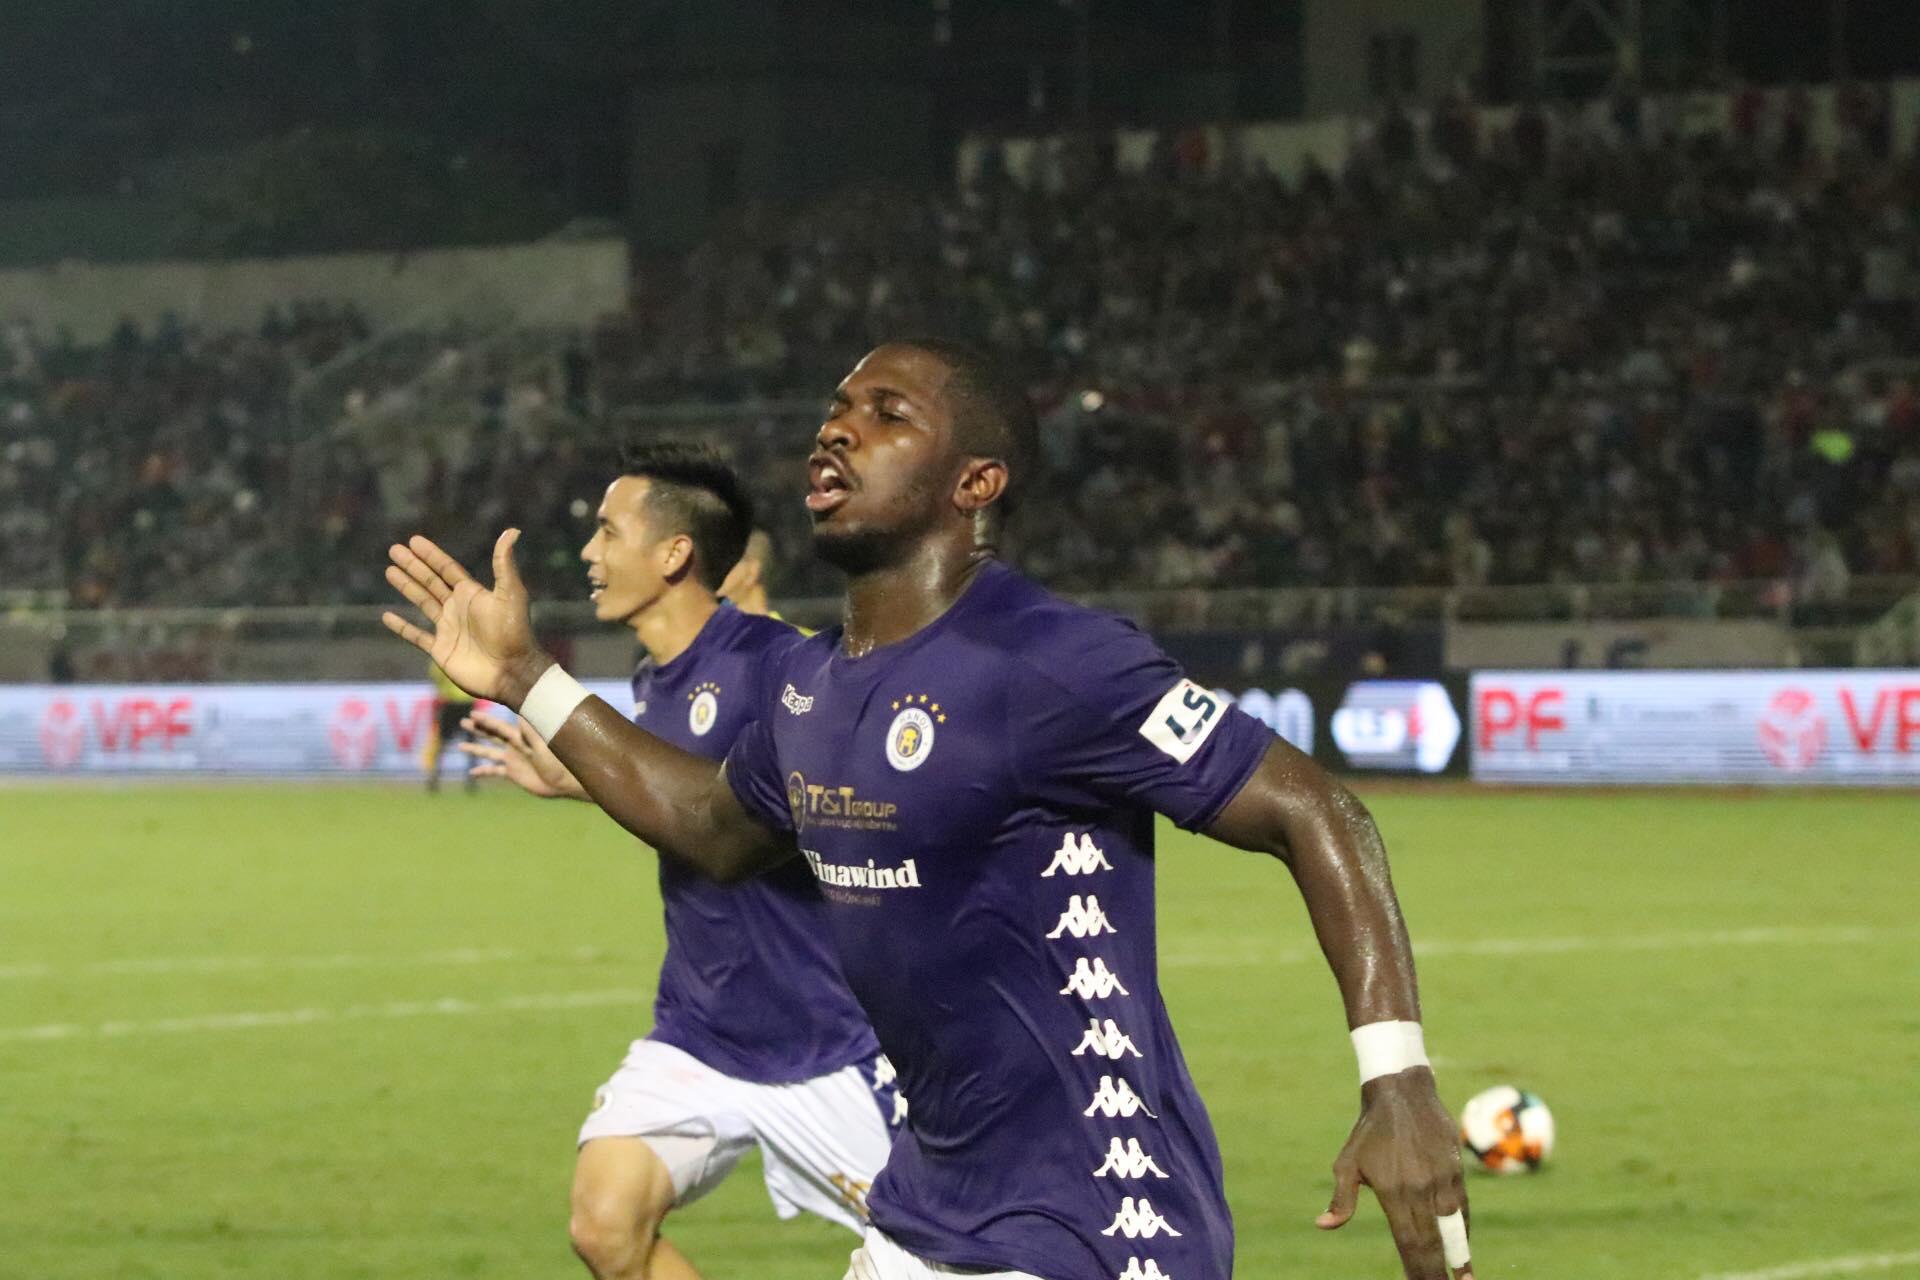 Niềm vui của Rimario sau khi ấn định chiến thắng 3-0 cho Hà Nội - Ảnh: Hữu Thành